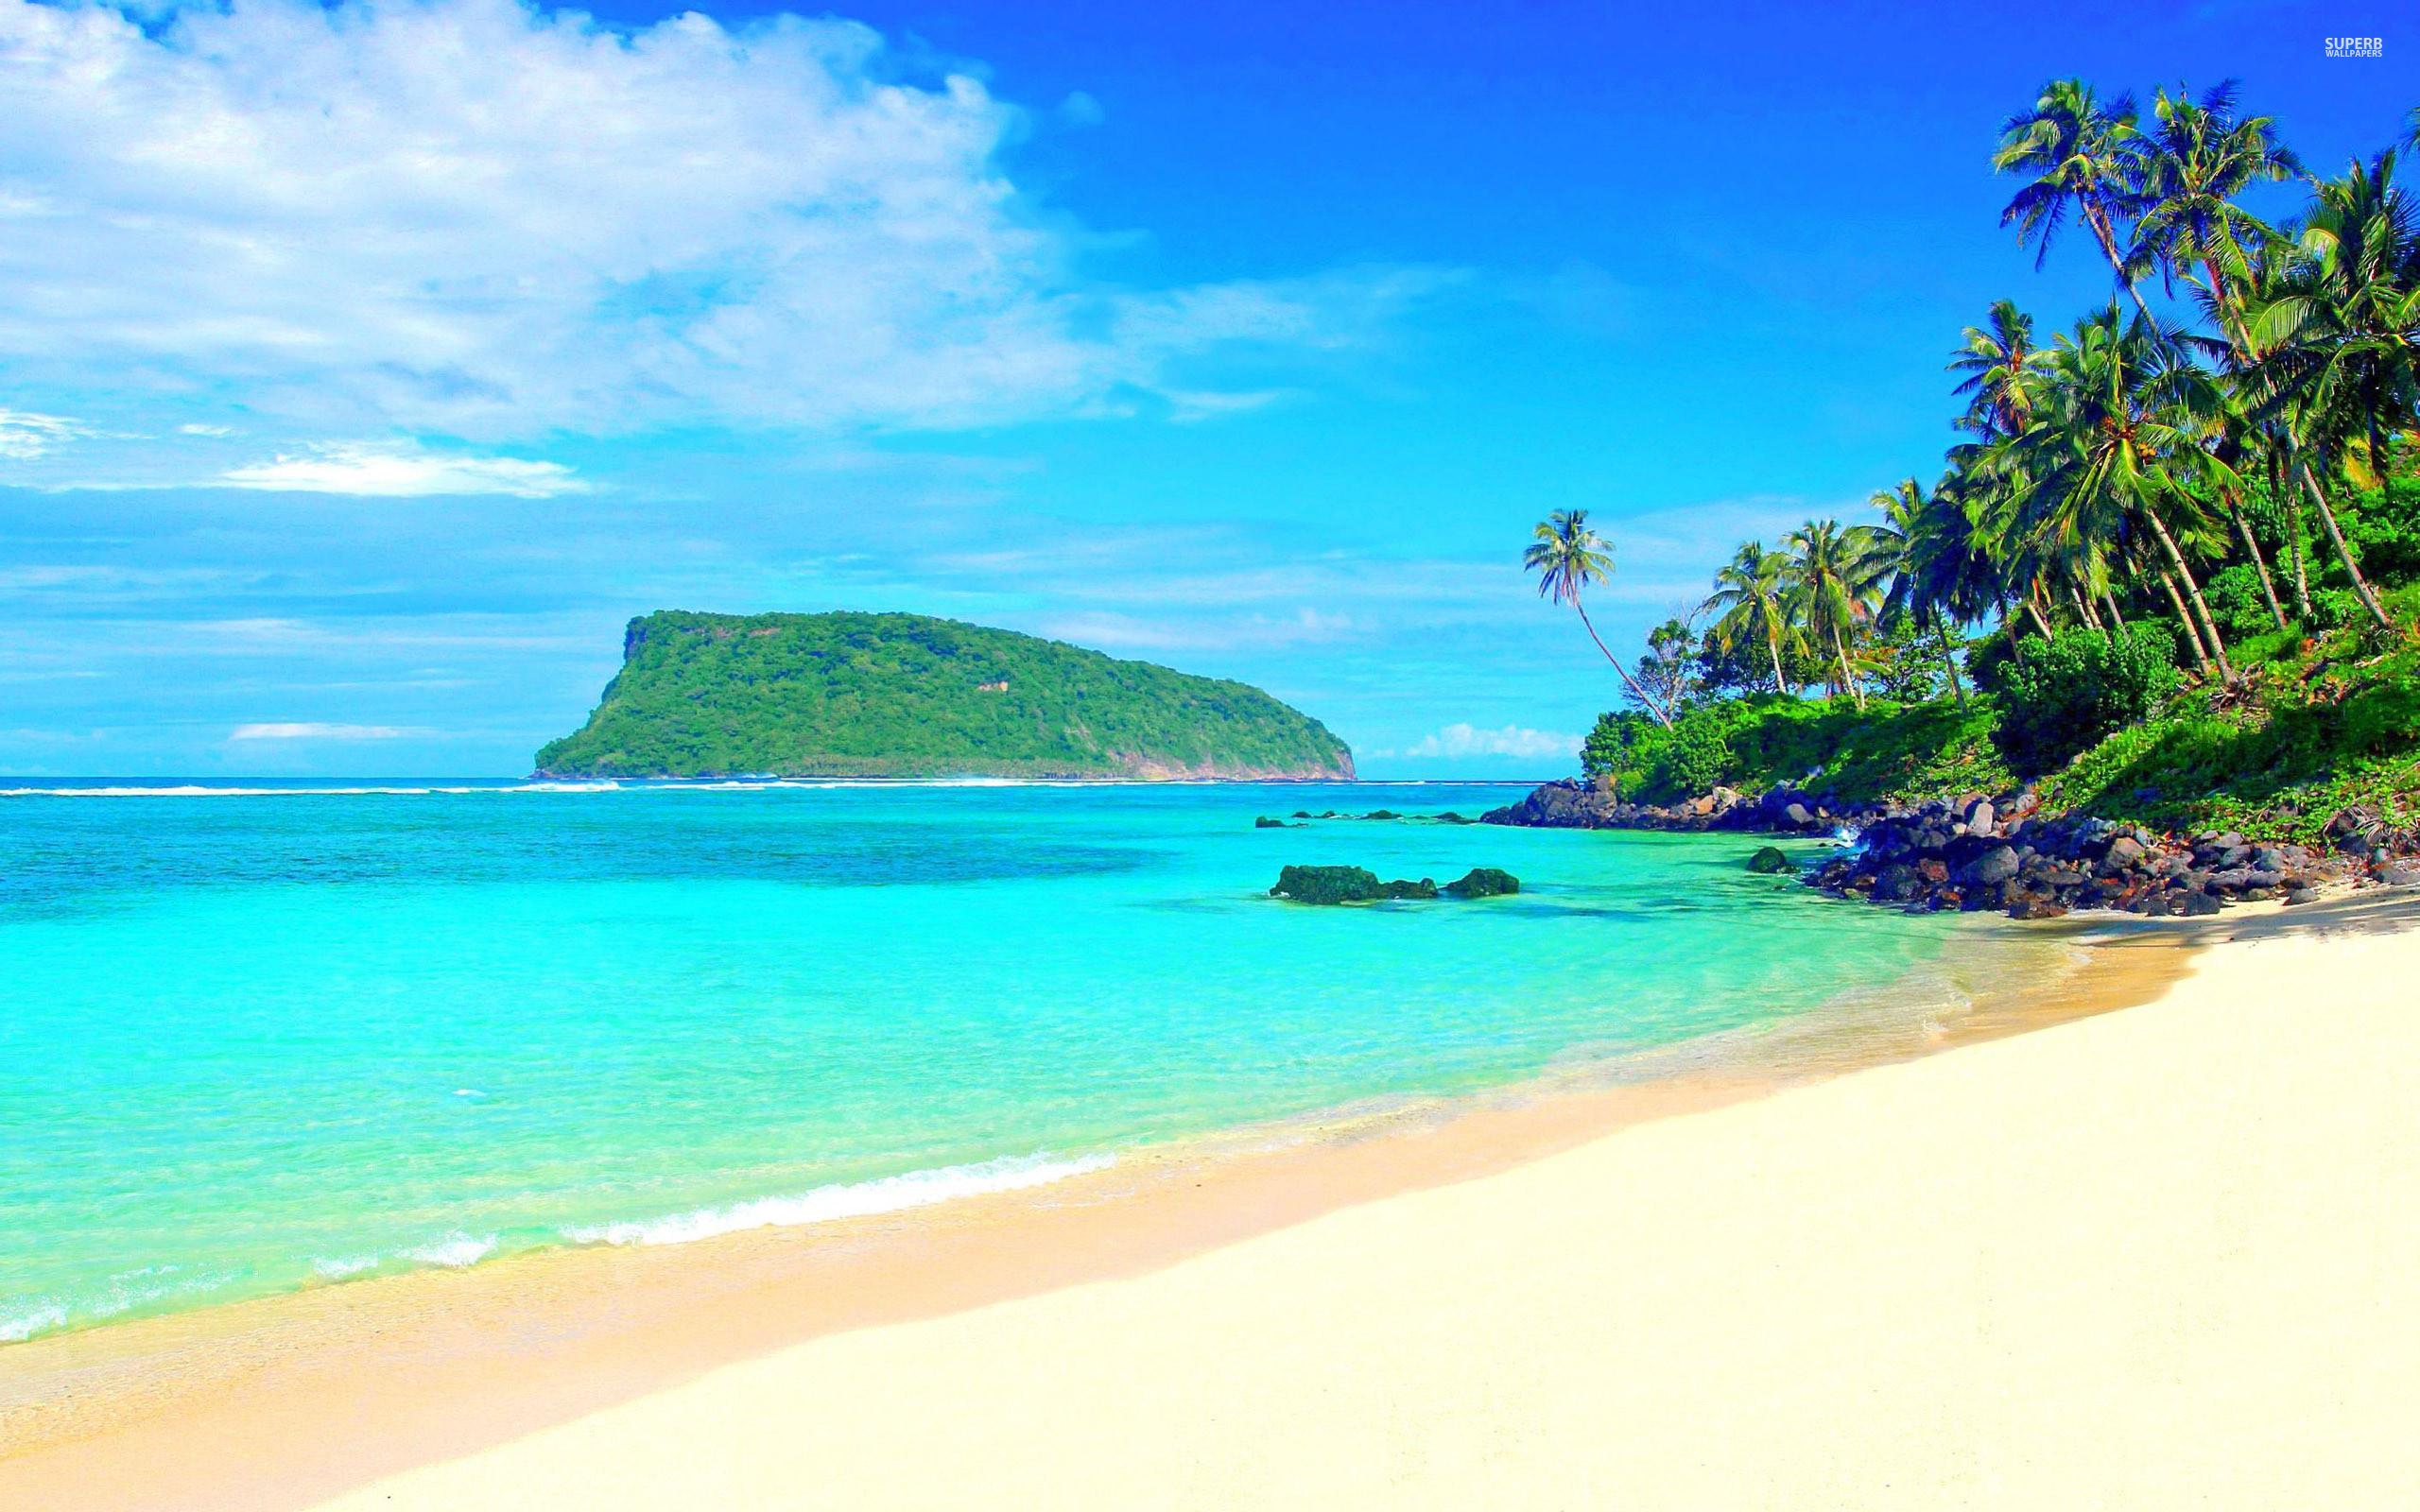 Hawaii Beach Wallpapers Hd Images Data Src Hawaii Beach Background Hd 2560x1600 Download Hd Wallpaper Wallpapertip